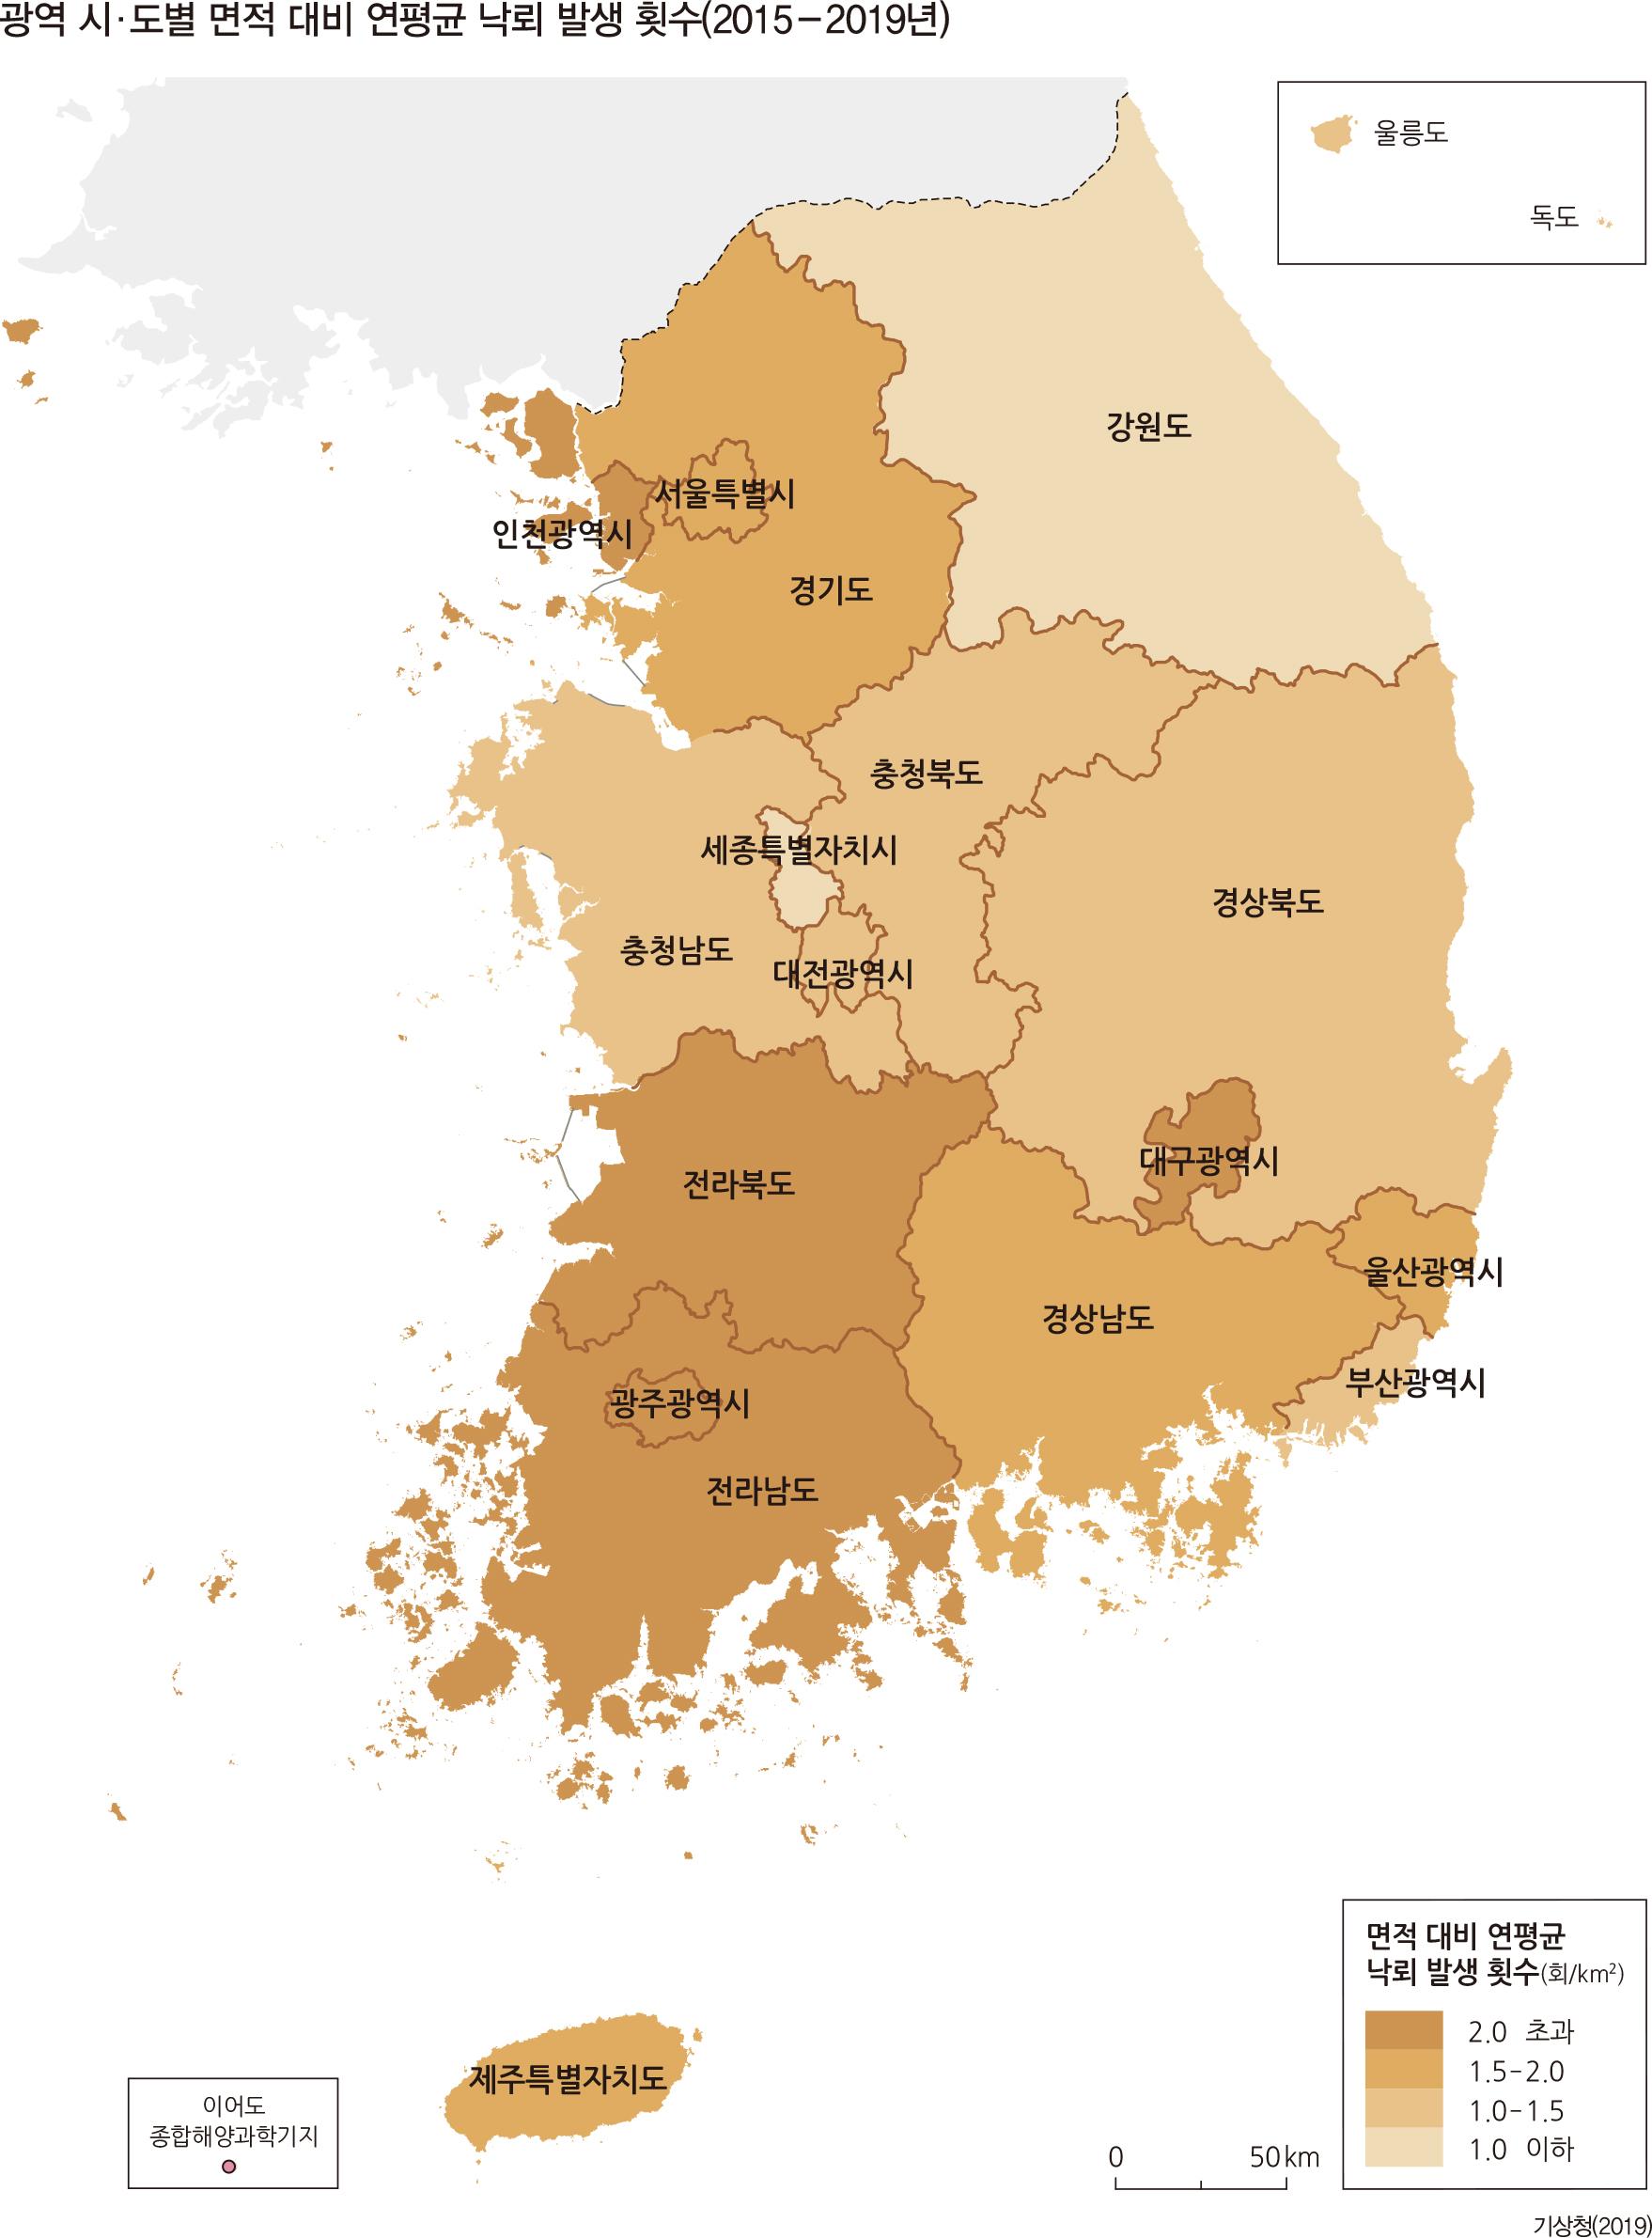 광역 시·도별 면적 대비 연평균 낙뢰 발생 횟수(2015-2019년)